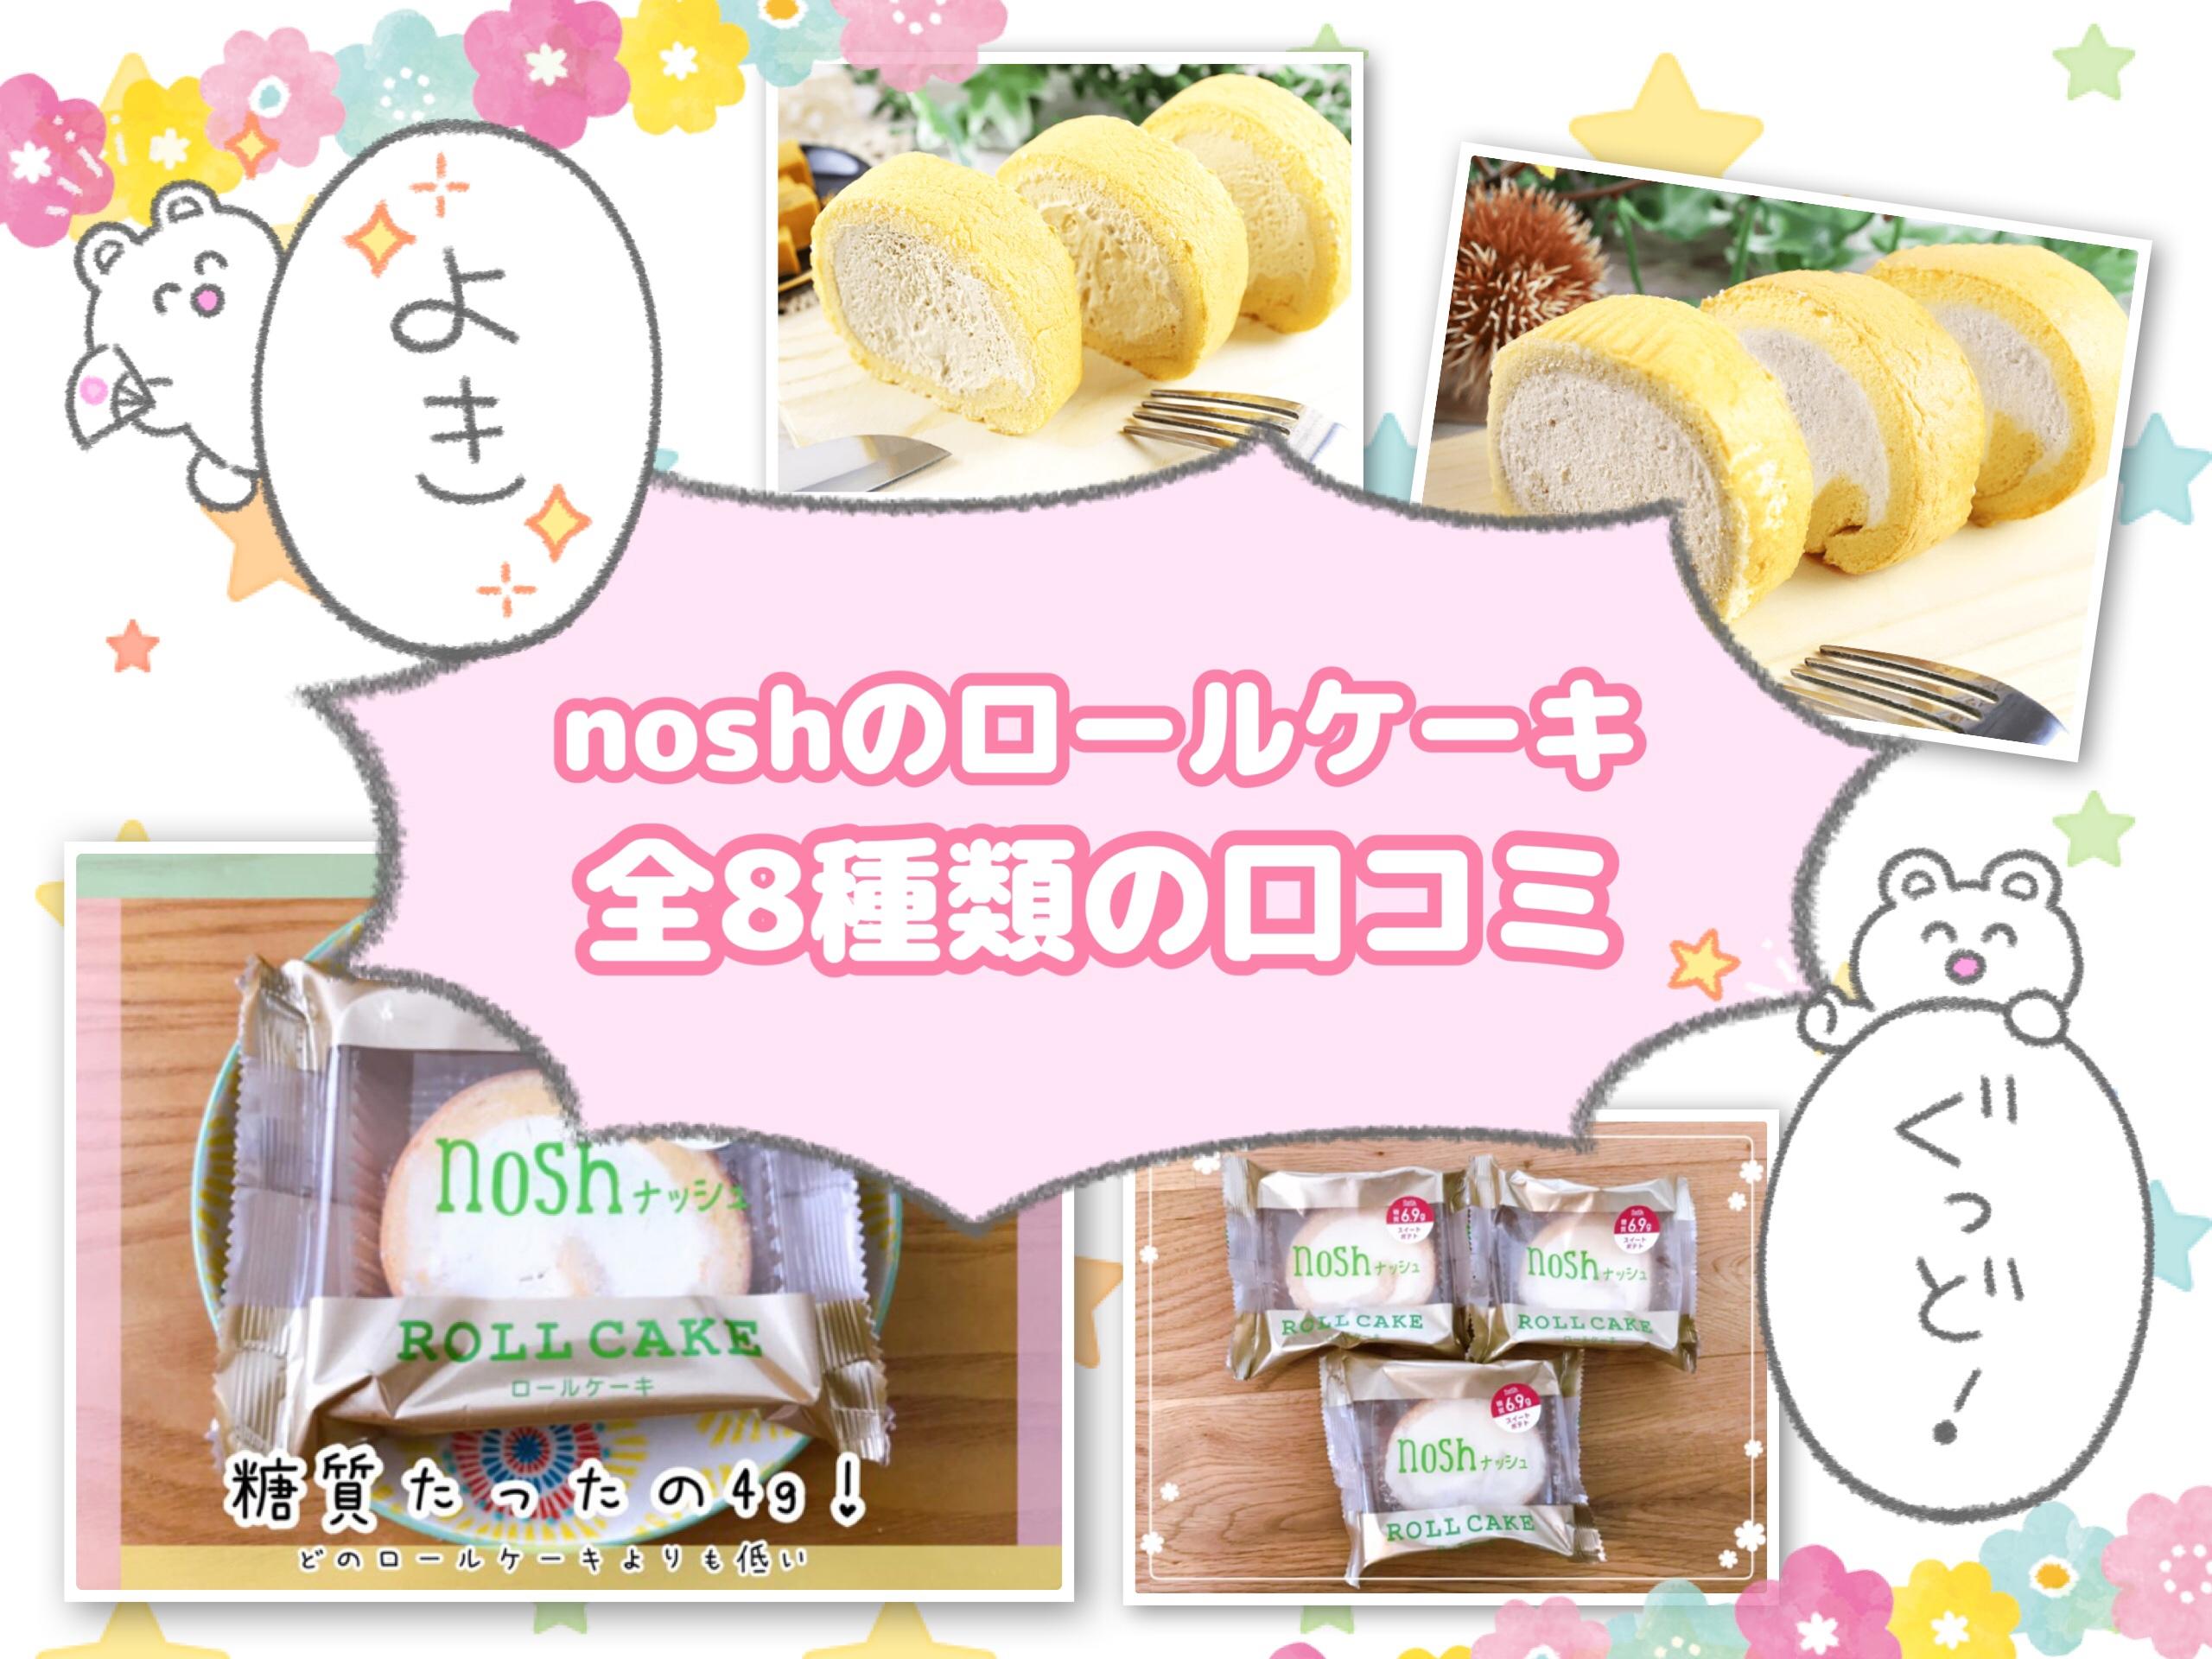 noshナッシュのロールケーキ